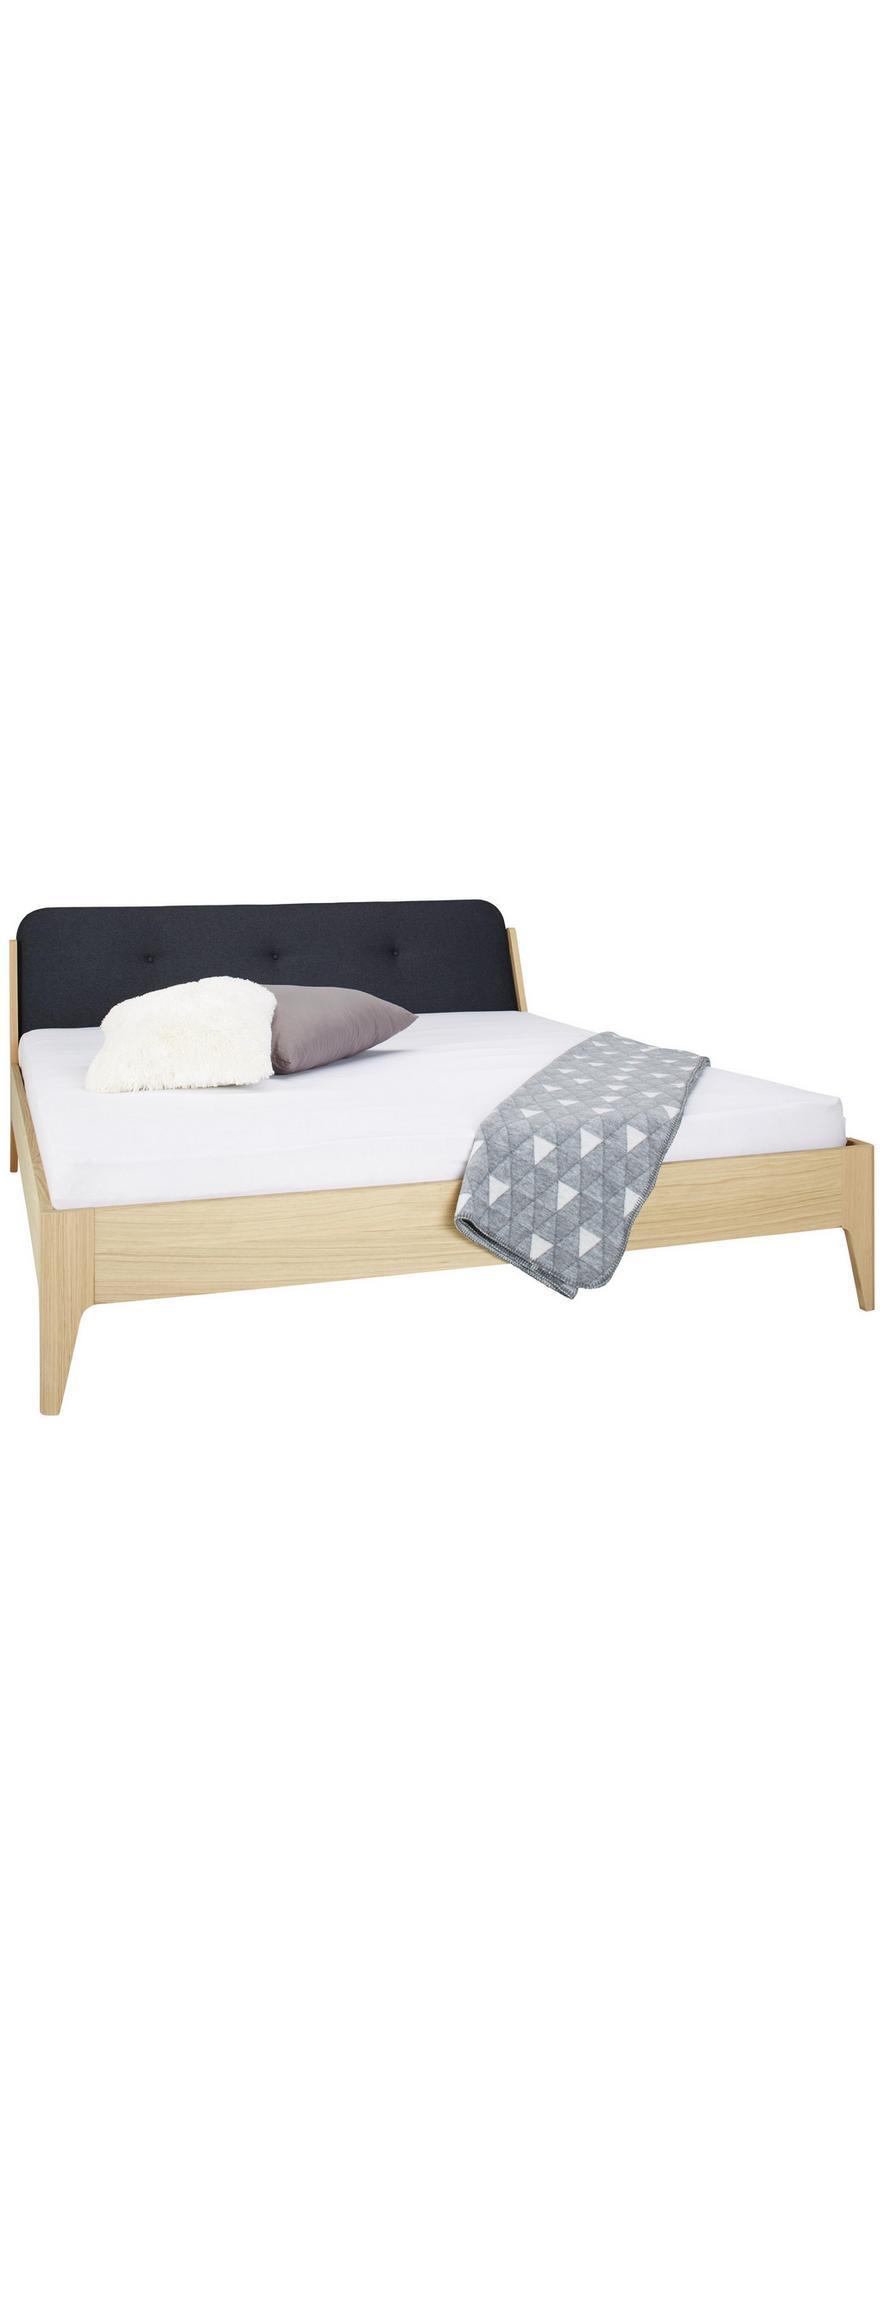 Full Size of Bett Design Holz Betten Massivholz Schlicht In Eichefarben Ca 180x200cm Online Kaufen Mmax Designer Badezimmer Mit Matratze Und Lattenrost 140x200 Fliesen Wohnzimmer Bett Design Holz